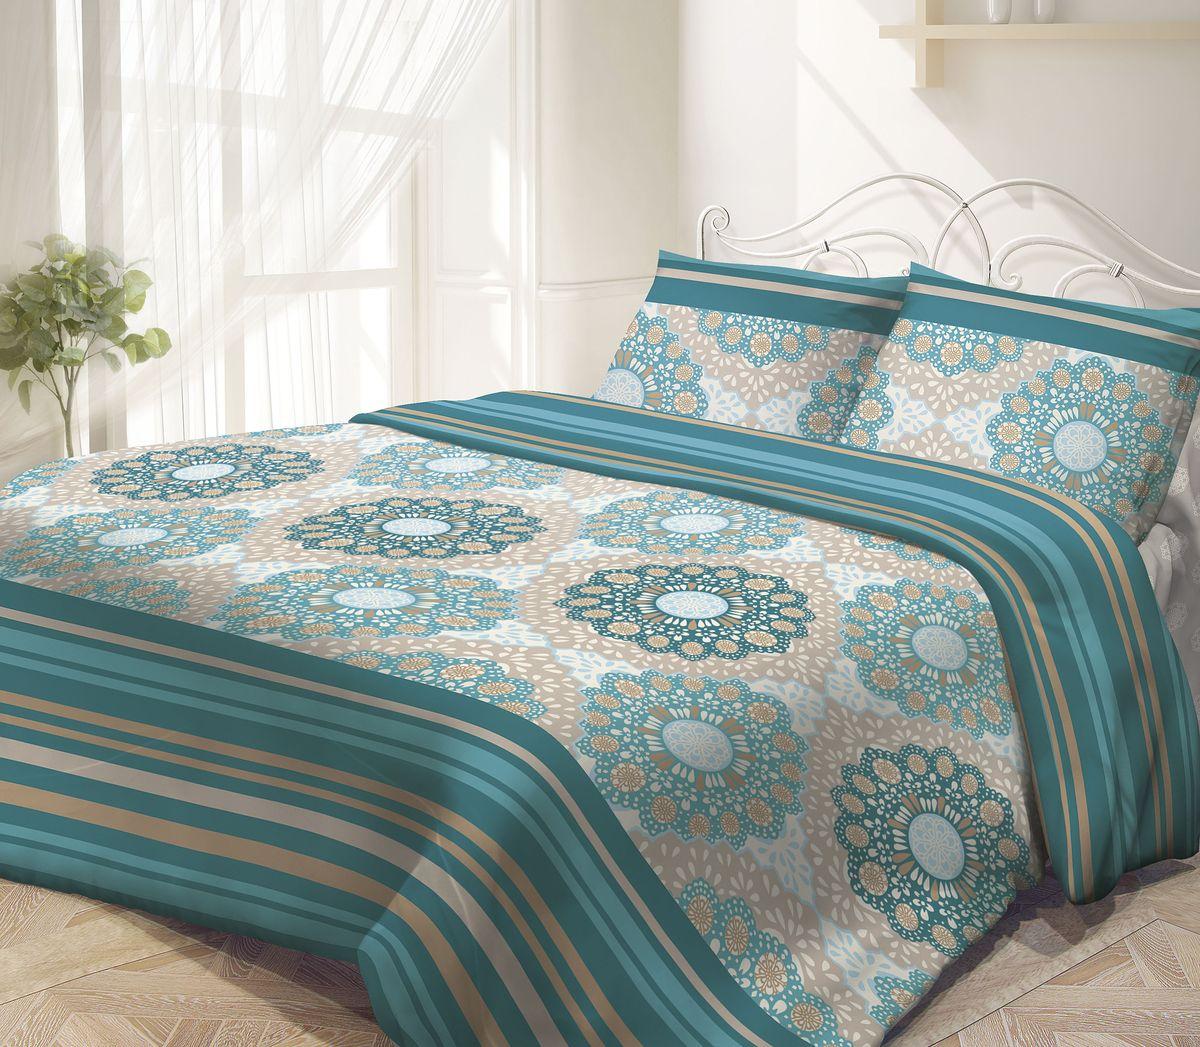 Комплект белья Гармония Восток-Запад, 1,5-спальный, наволочки 50х70, цвет: зеленый, серый190817Комплект постельного белья Восток-Запад является экологически безопасным, так как выполнен из поплина (100% хлопка). Комплект состоит из пододеяльника, простыни и двух наволочек. Постельное белье оформлено красивым орнаментом и имеет изысканный внешний вид. Постельное белье Гармония - лучший выбор для современной хозяйки! Его отличают демократичная цена и отличное качество. Поплин мягкий и приятный на ощупь. Кроме того, эта ткань не требует особого ухода, легко стирается и прекрасно держит форму. Высококачественные красители, которые используются при производстве постельного белья, сохраняют свой цвет даже после многочисленных стирок.